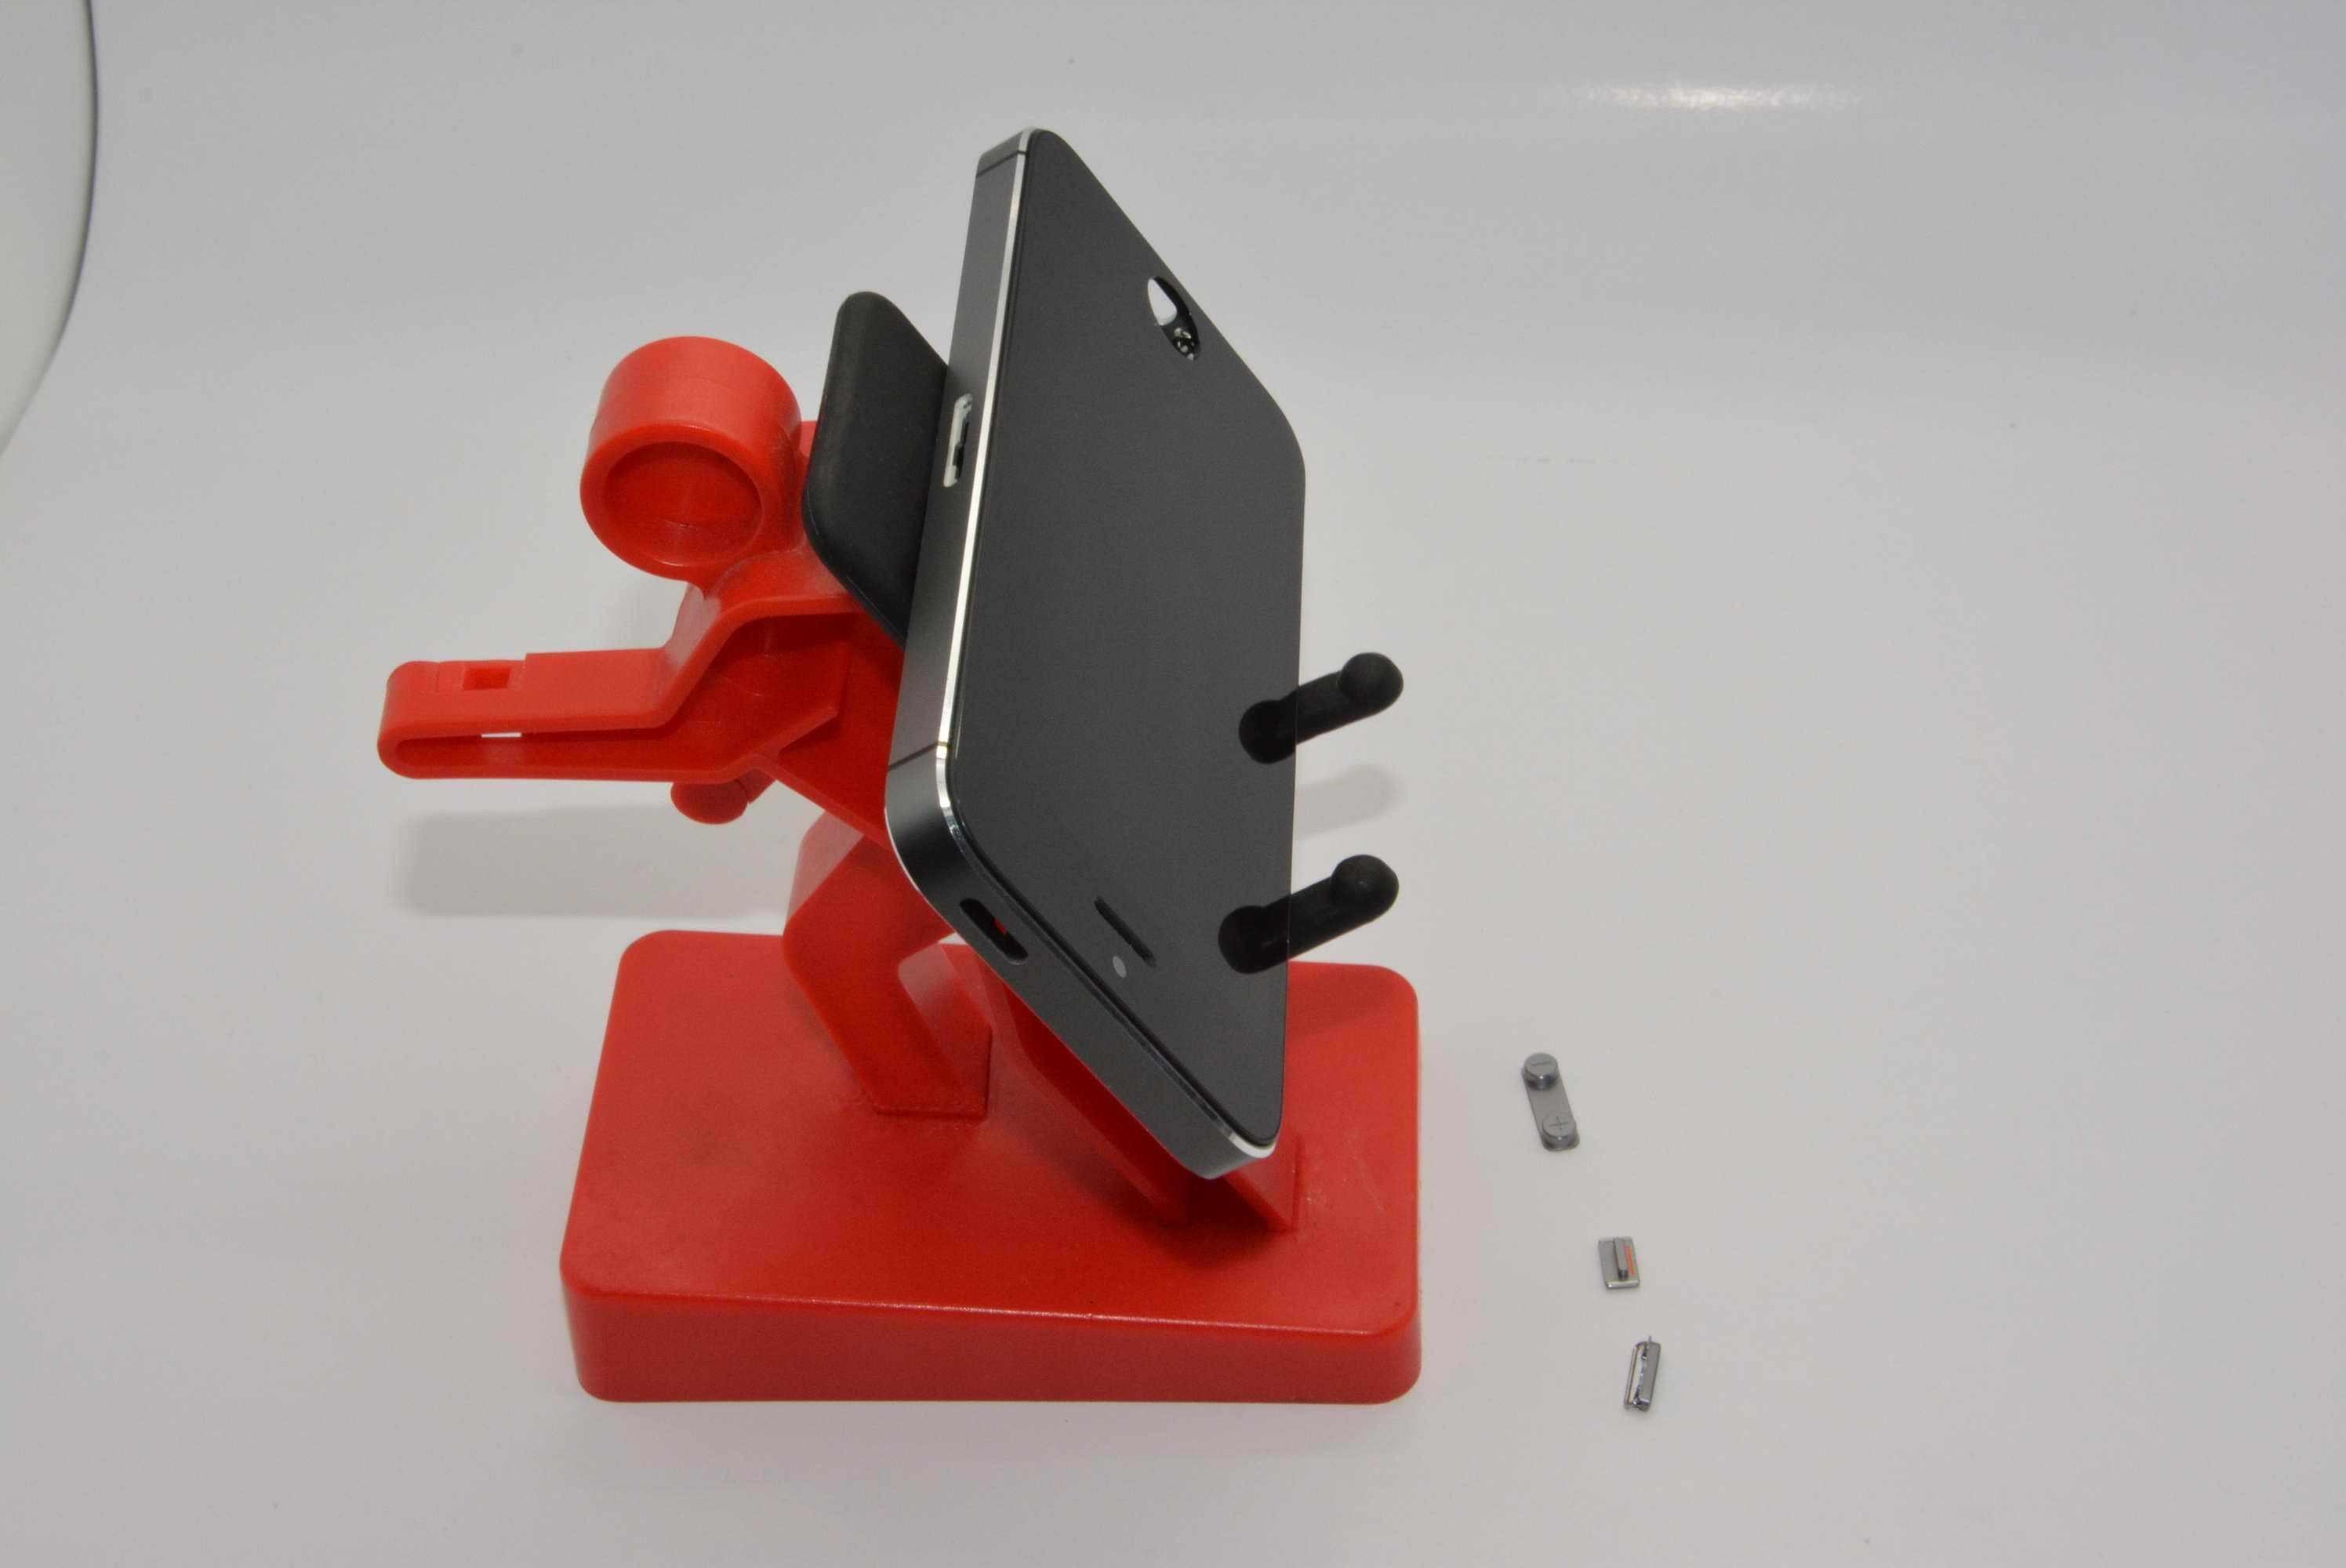 طبق قطعات لو رفته، آیفون 5S چهار رنگه است/ 26 آگوست 2013